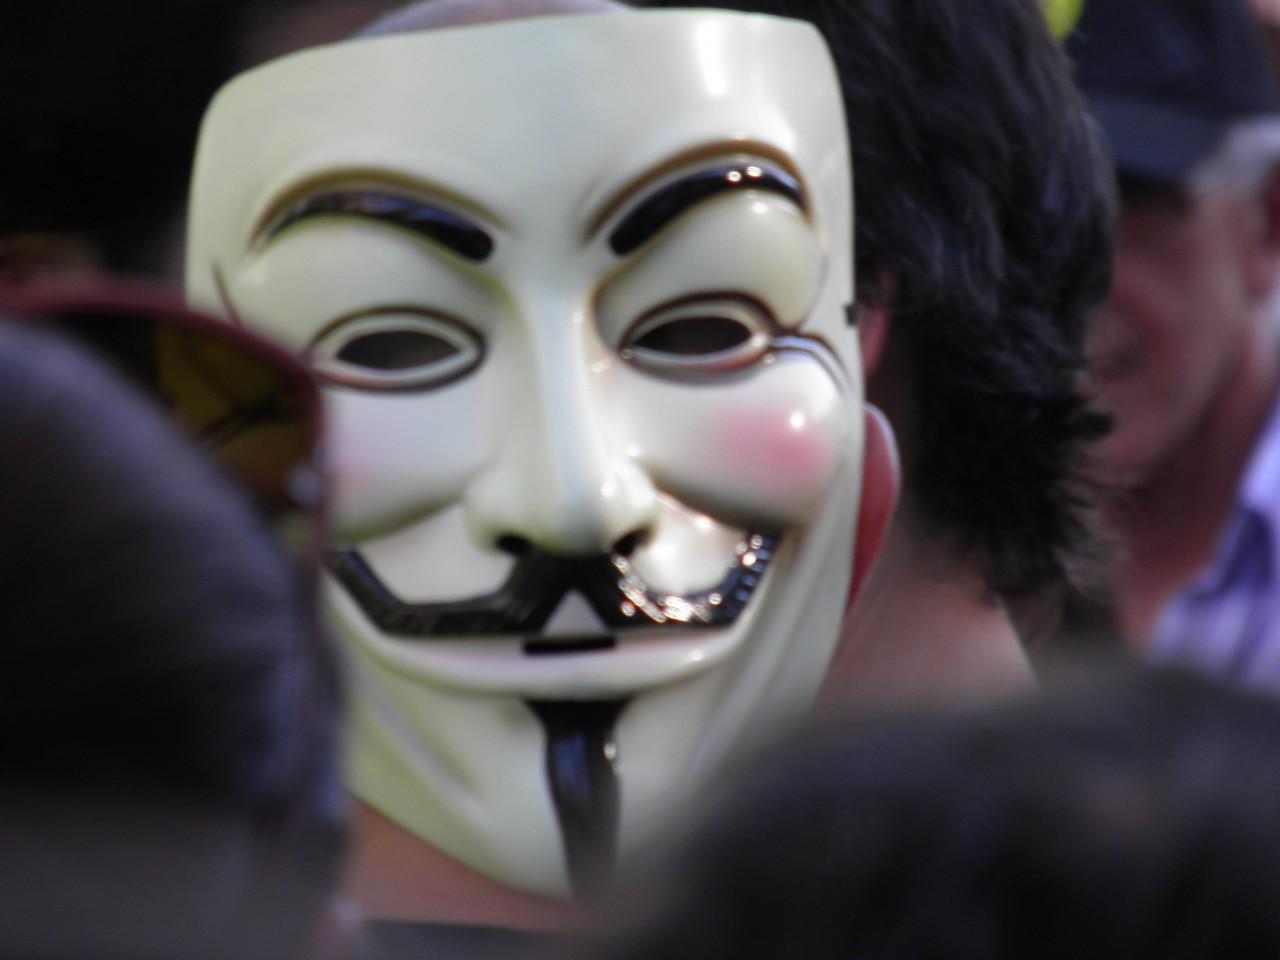 Закон о запрете анонимайзеров, так ли все плохо?